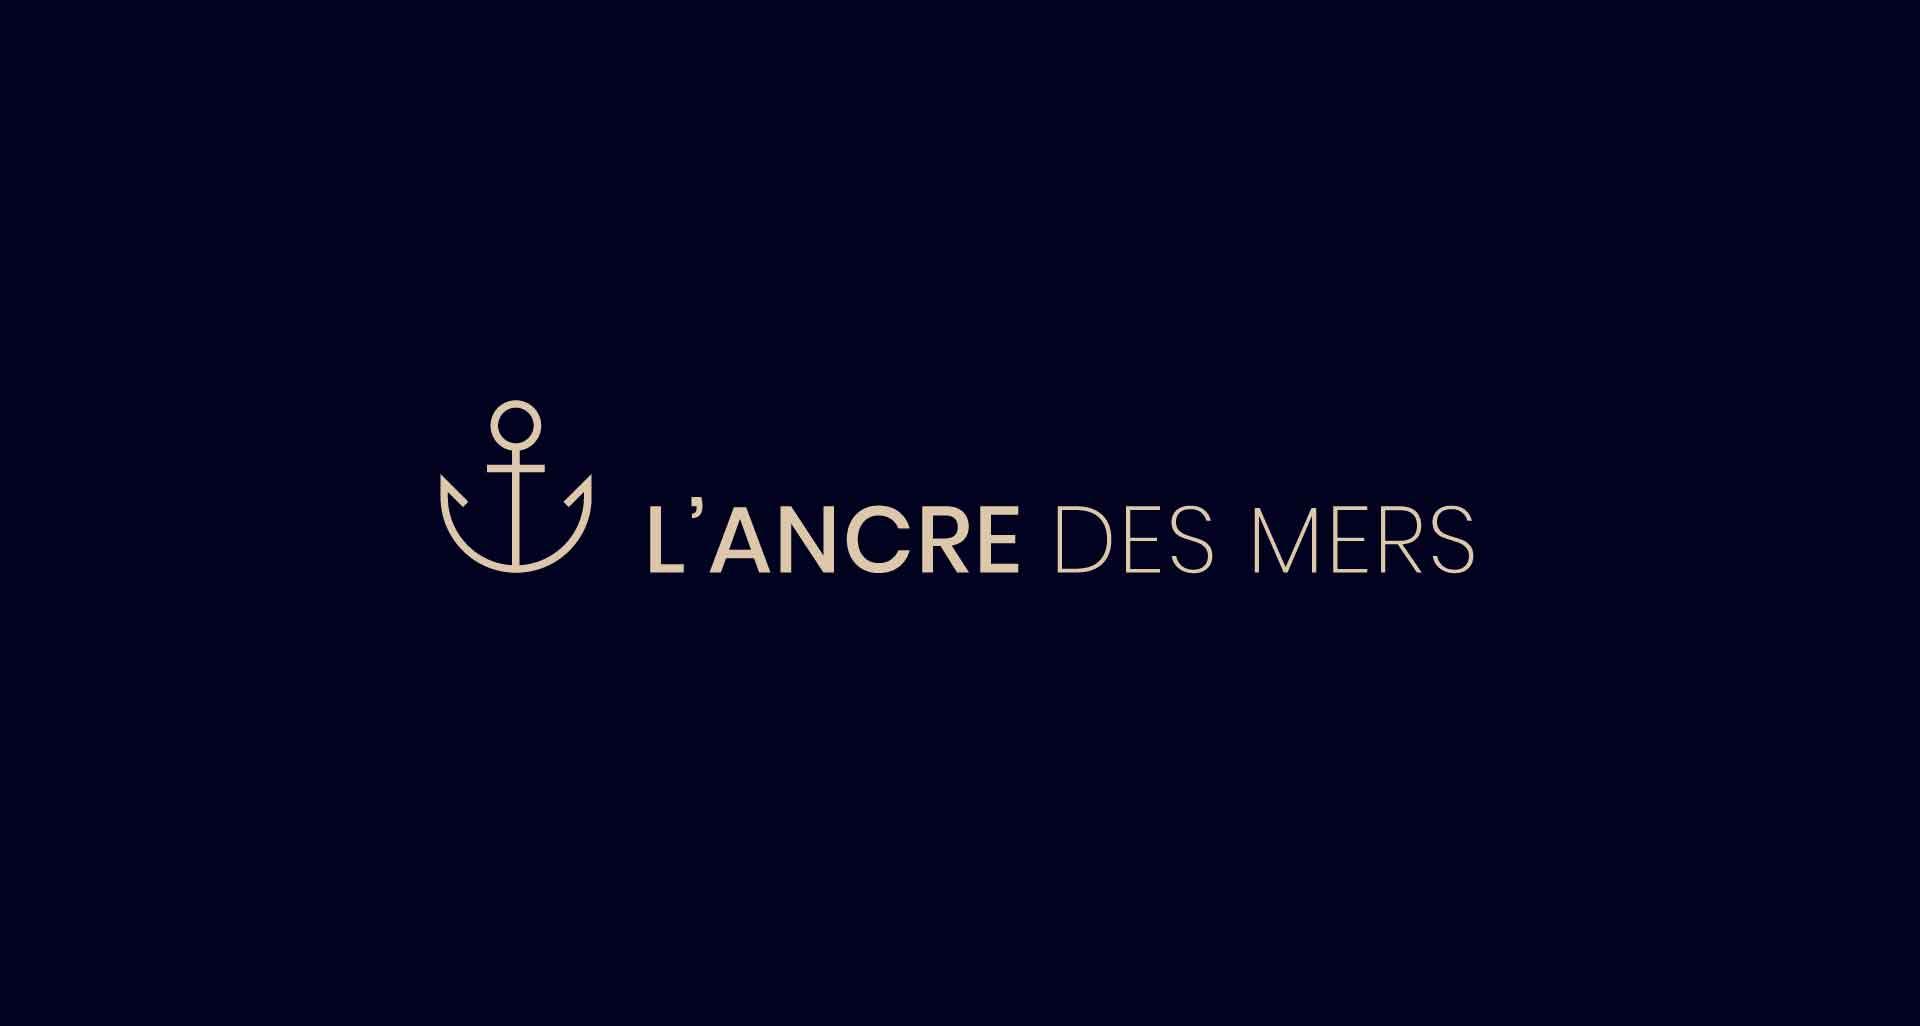 Refonte de l'identité visuelle pour L'ancre des mers par l'agence Cassian